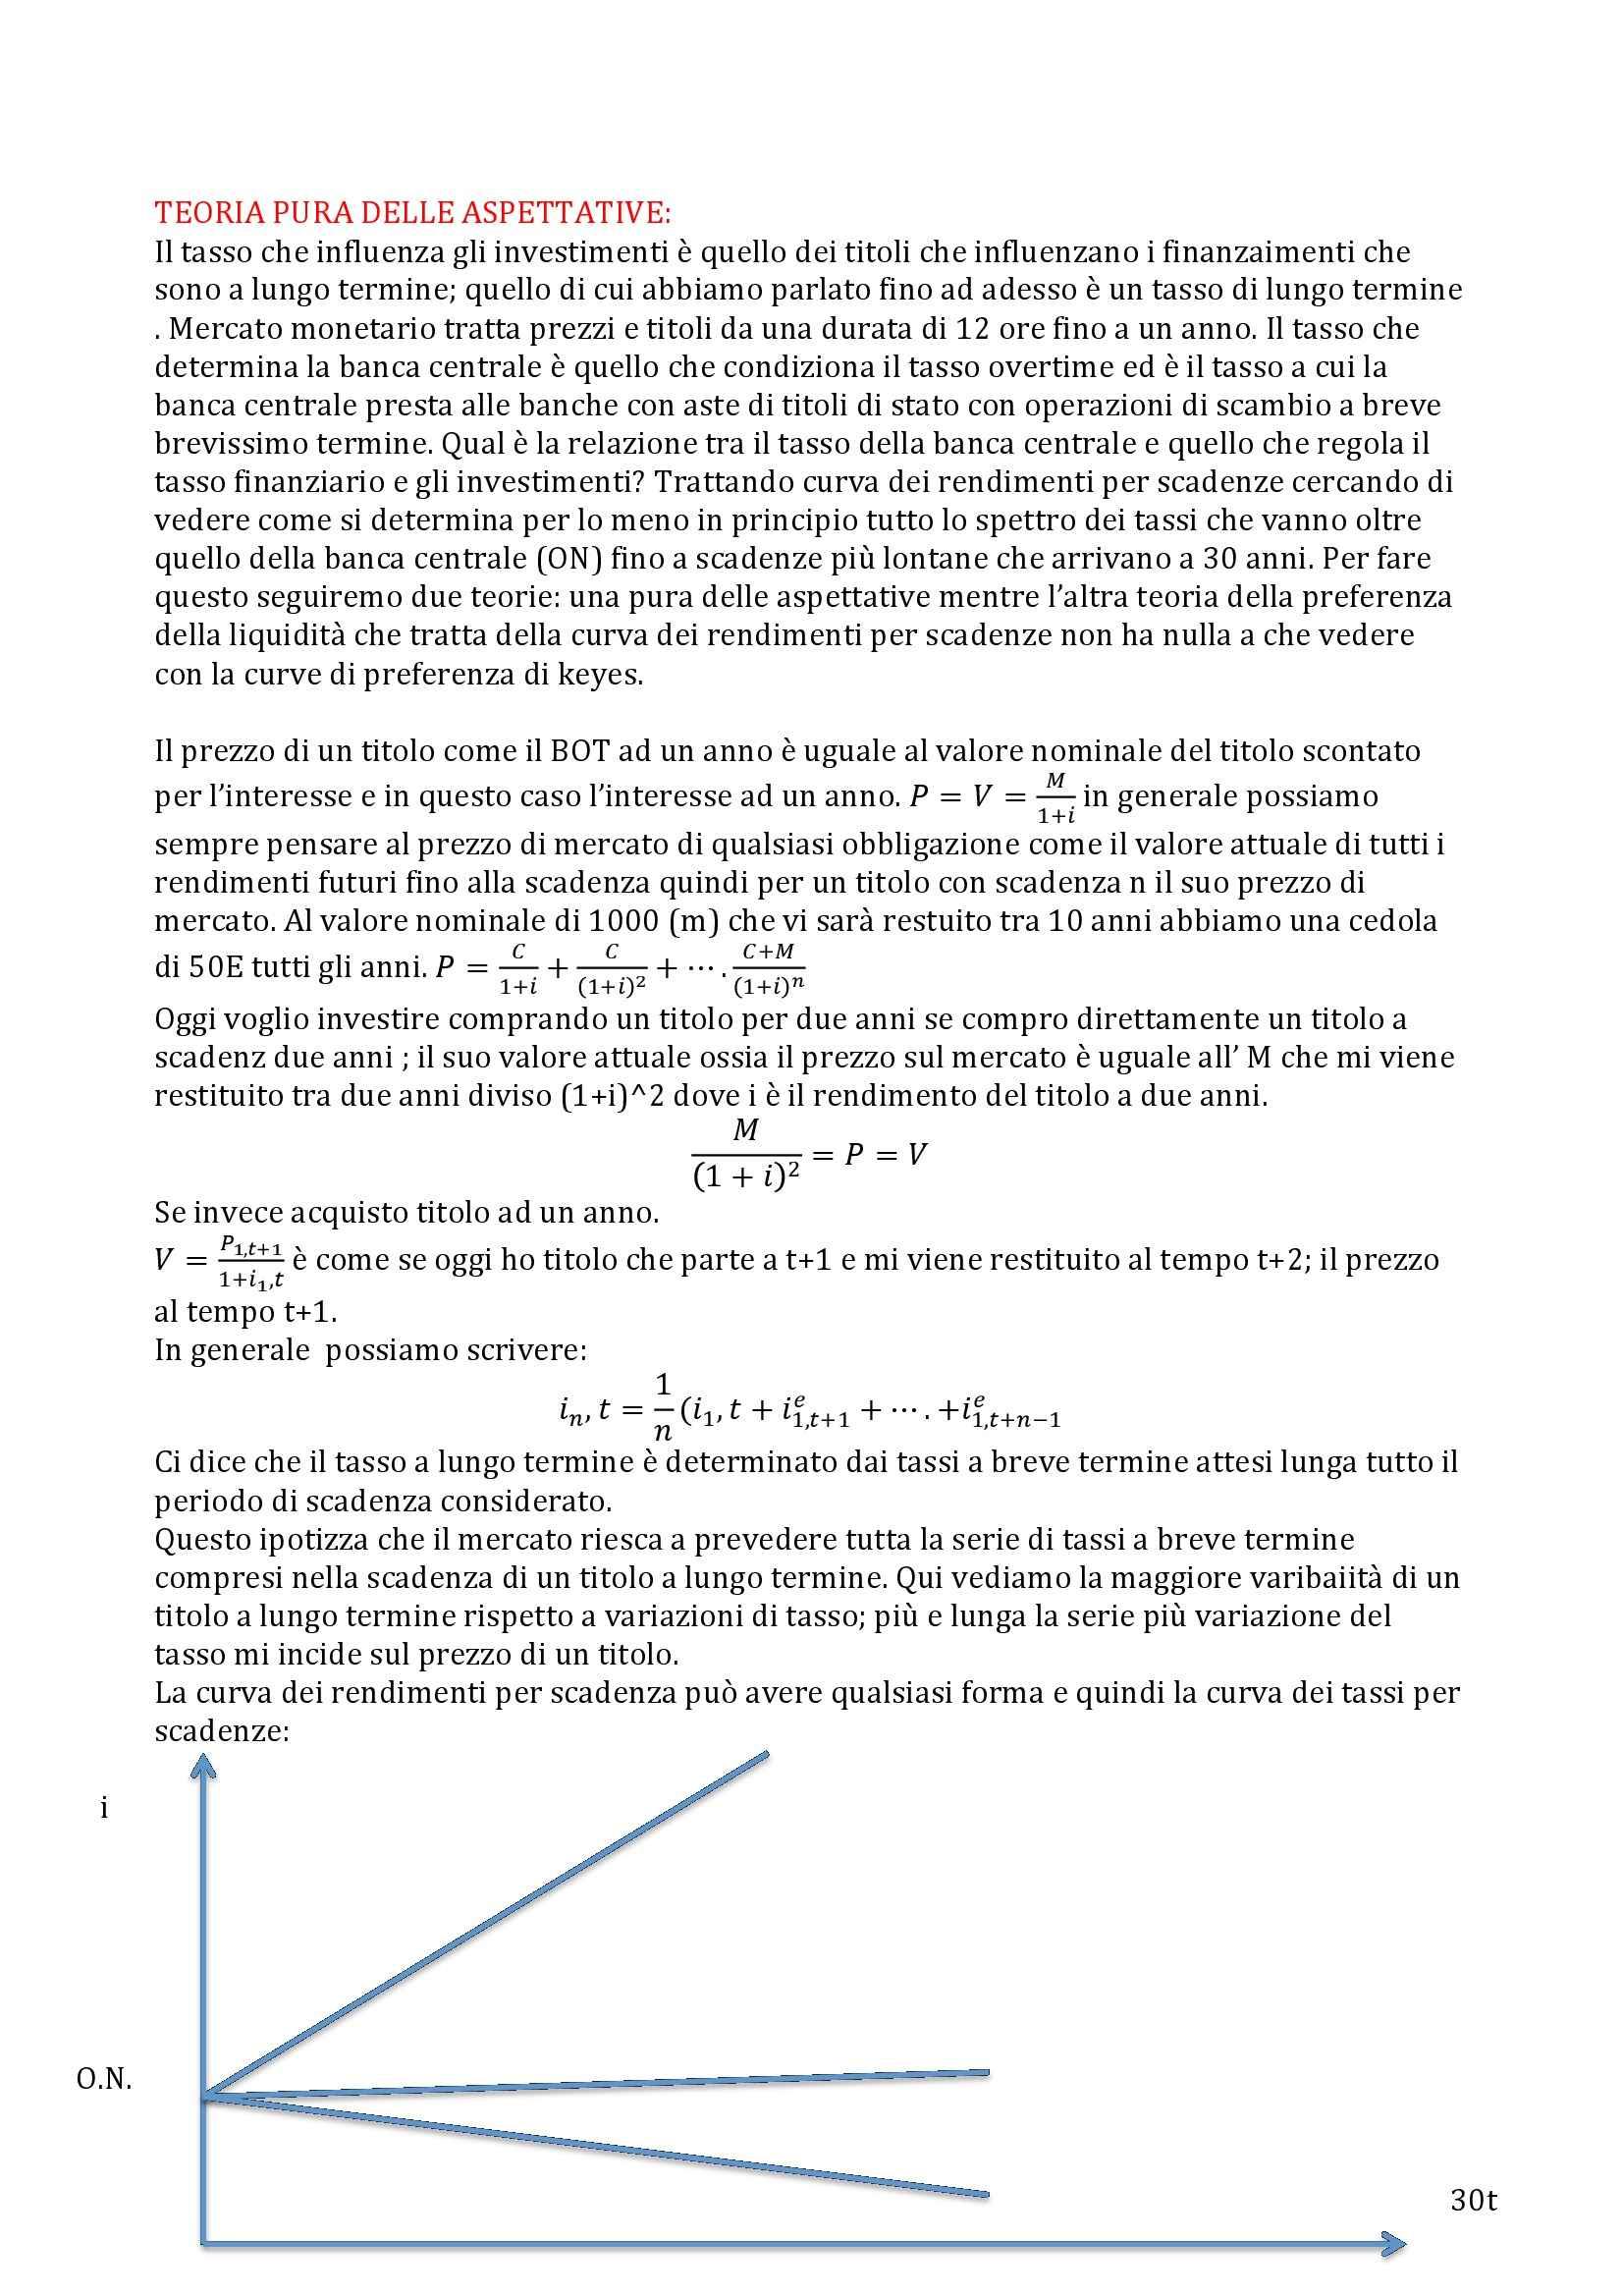 Economia monetaria e degli intermediari finanziari - teoria pura delle aspettative